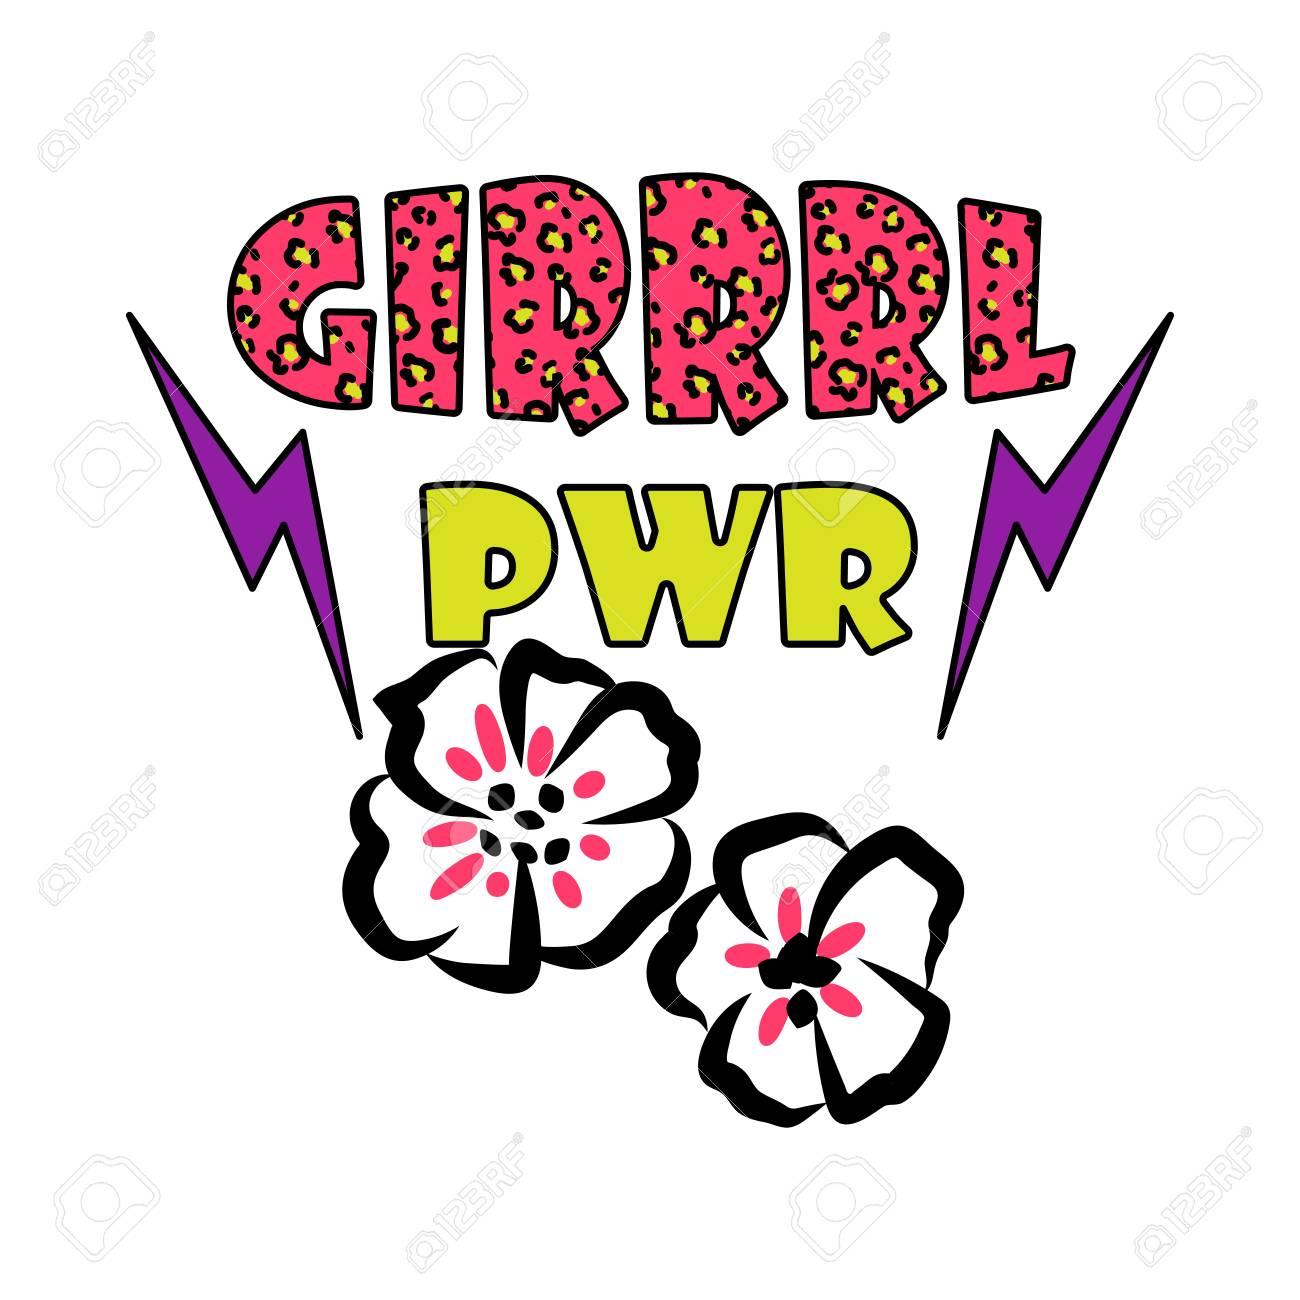 girl power t shirt design vector trendy feminine tee clip art rh 123rf com